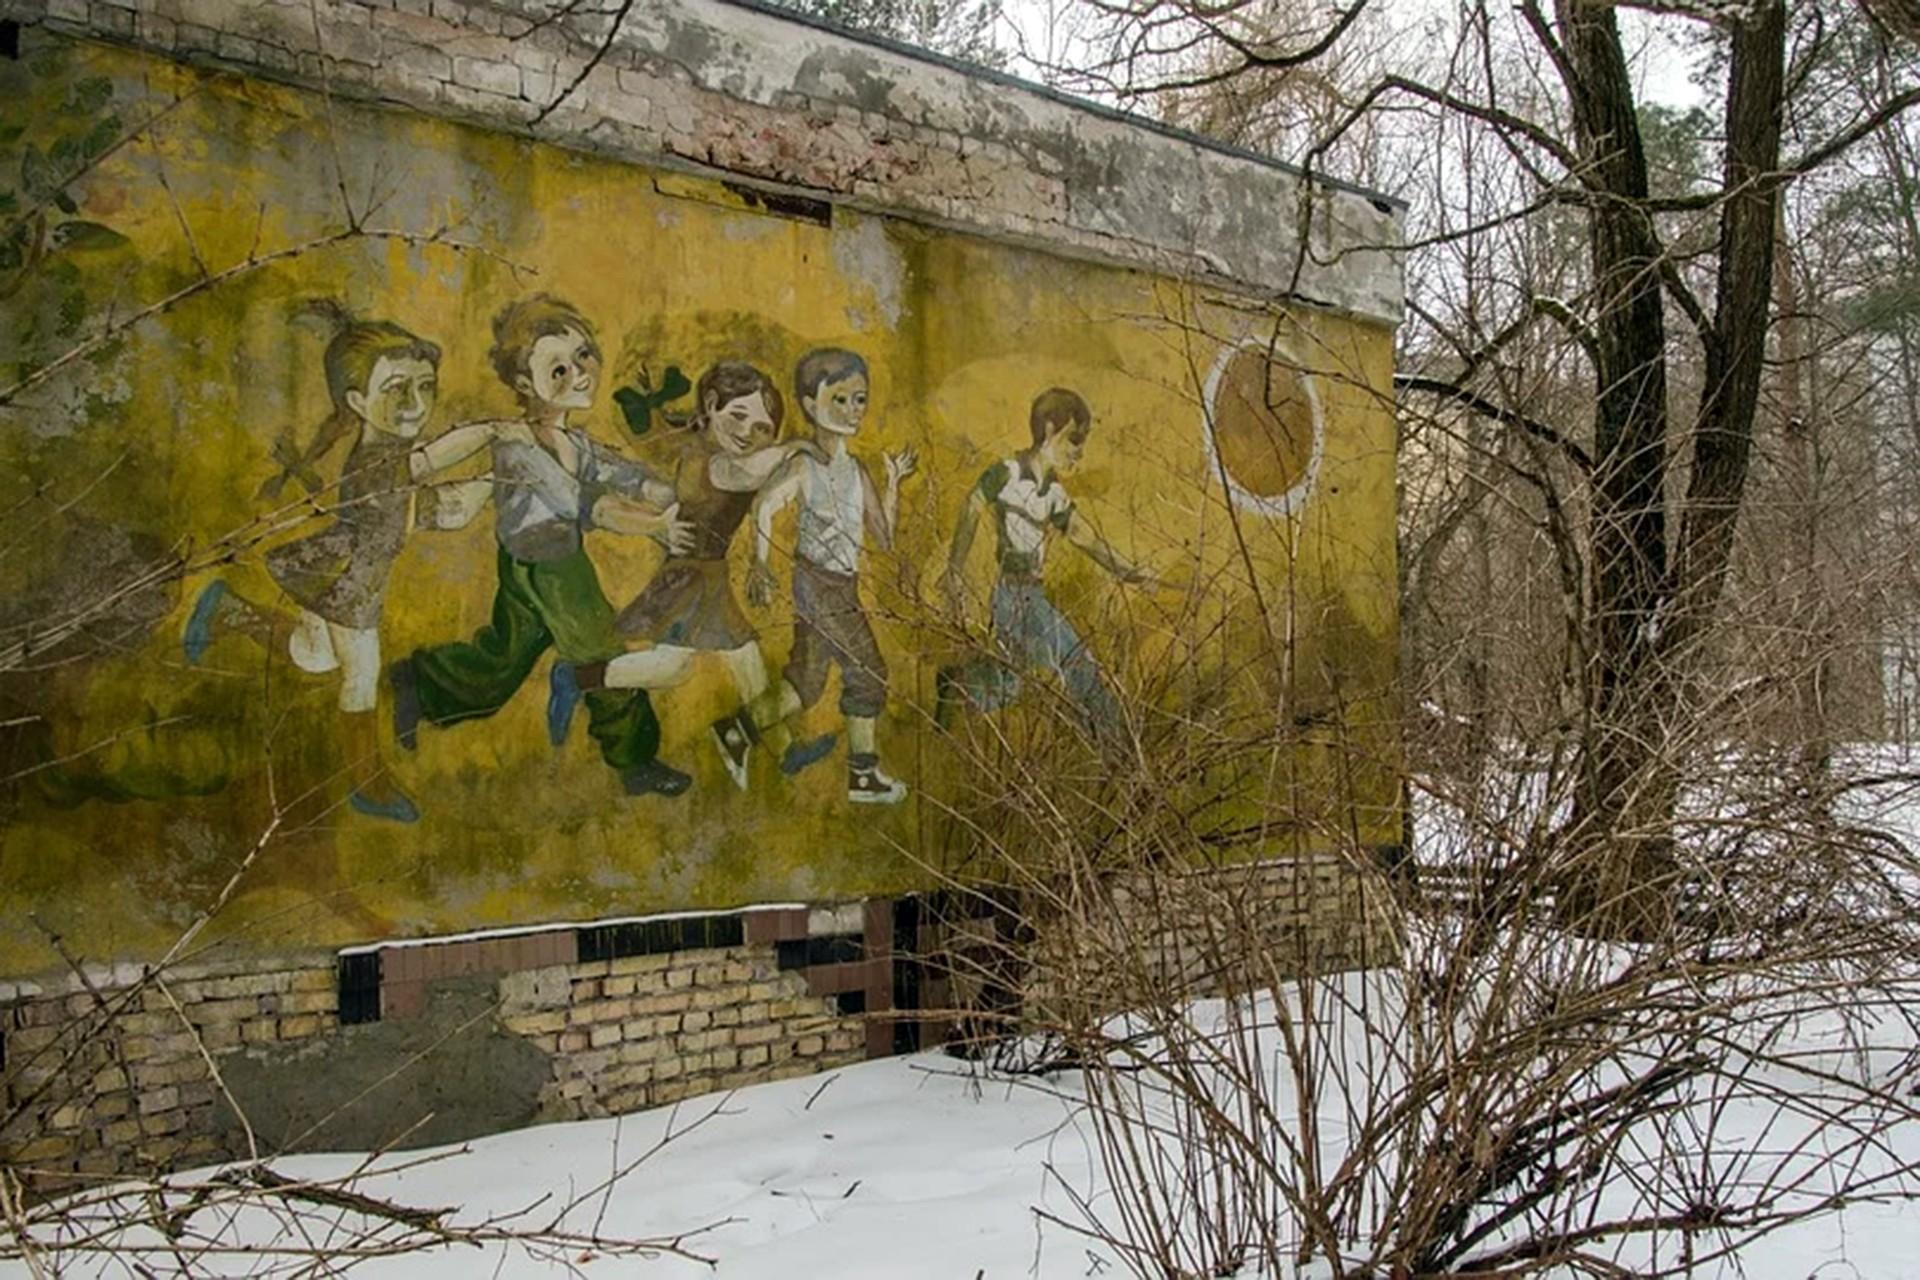 SSCB'de üzerine çocuk resmedilmiş duvar